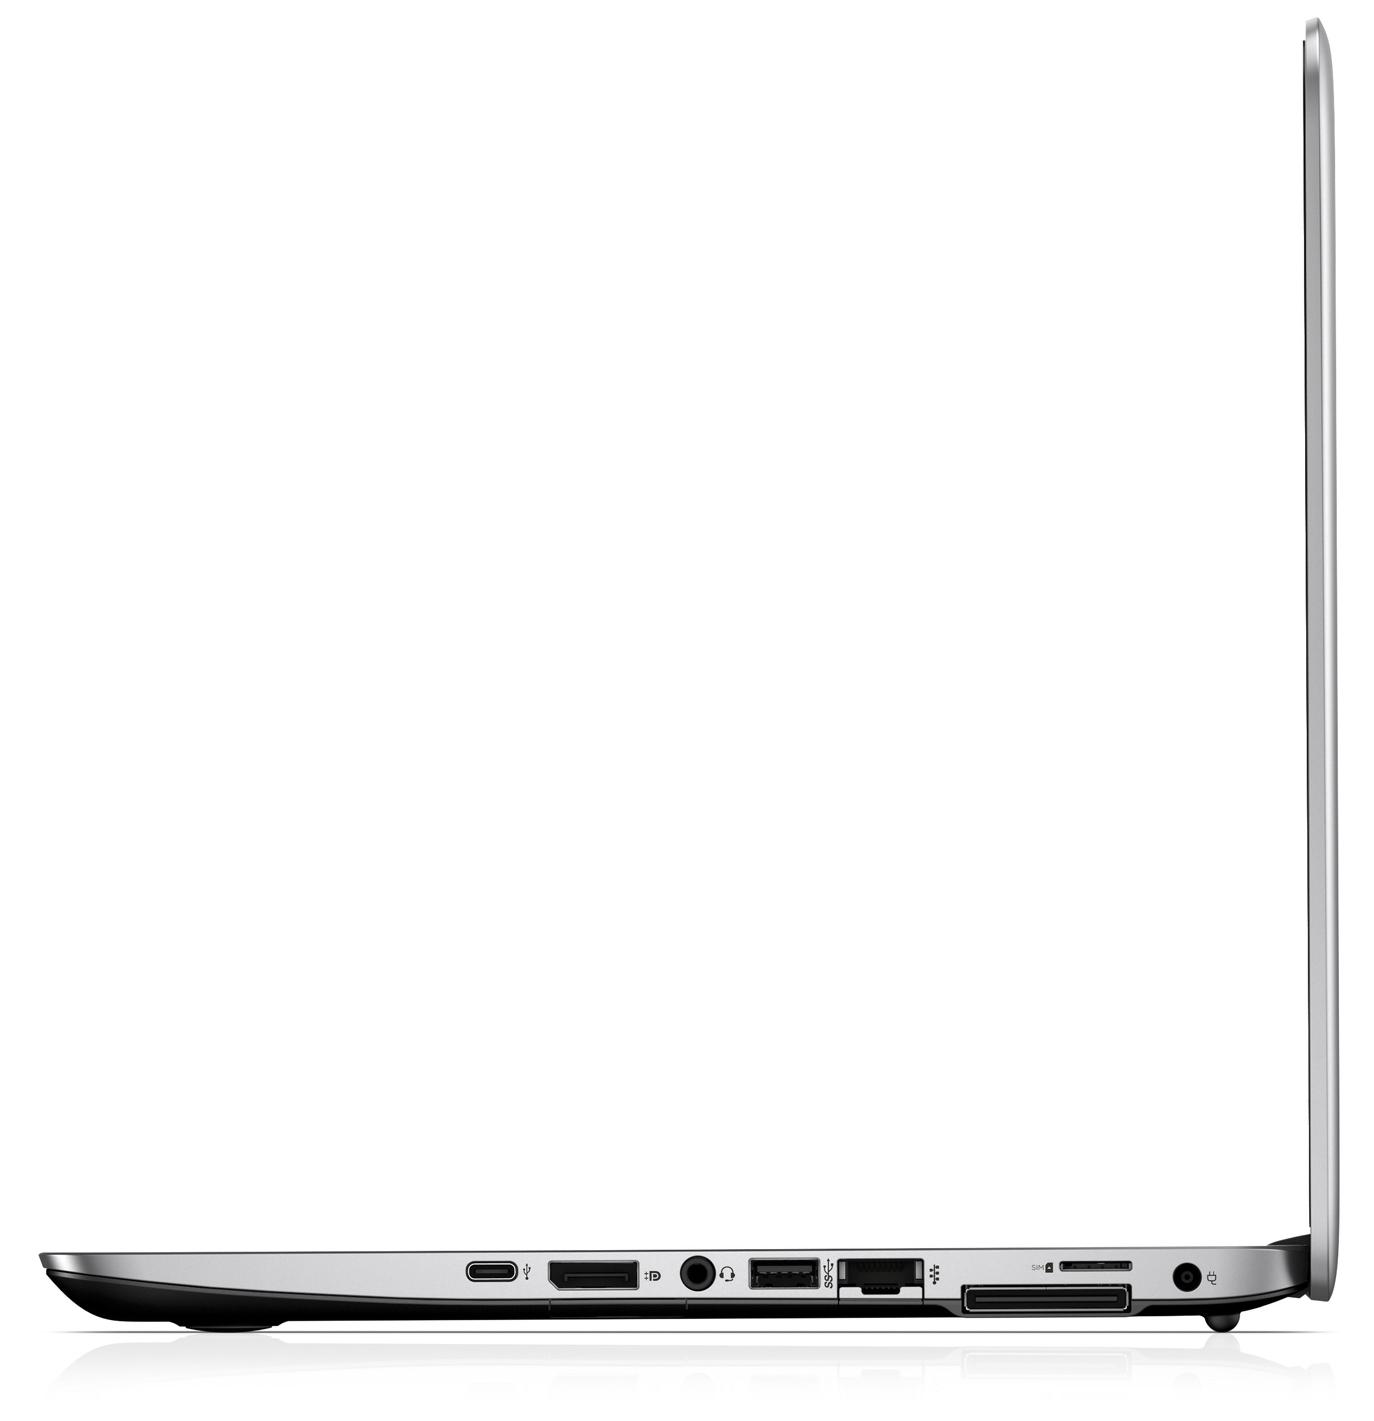 Test HP mt43 (A8-9600B, SSD, FHD) Thin Client